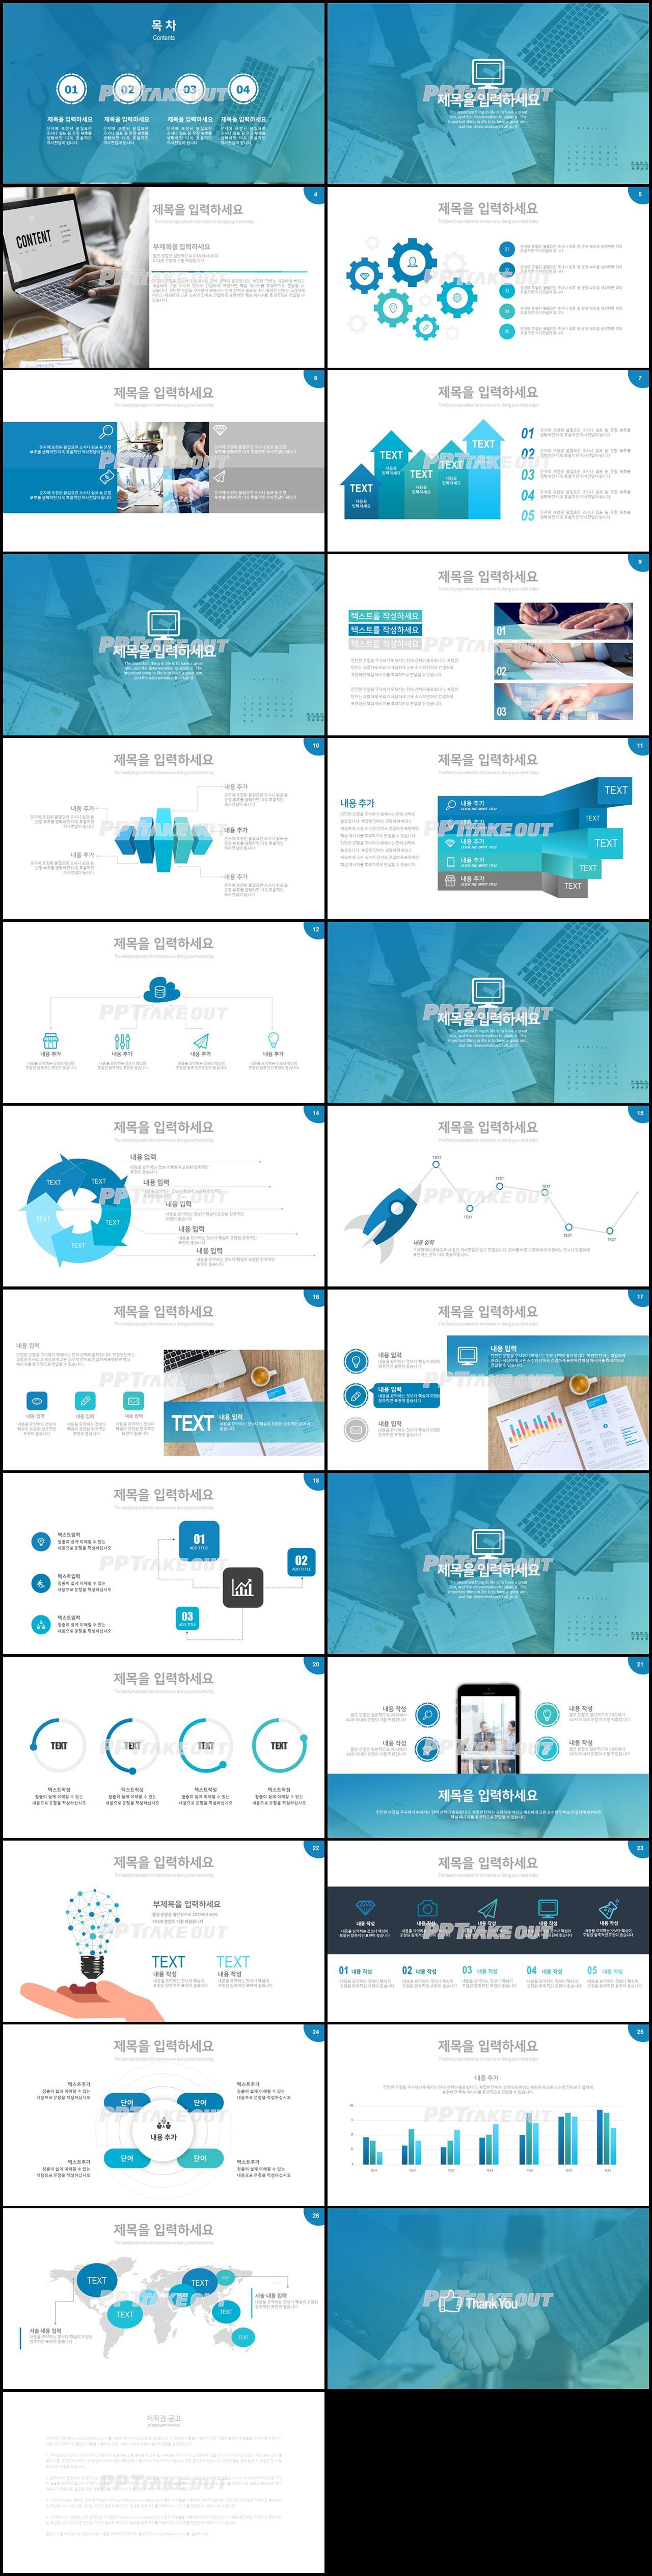 창업계획 파란색 산뜻한 고급형 피피티양식 디자인 상세보기